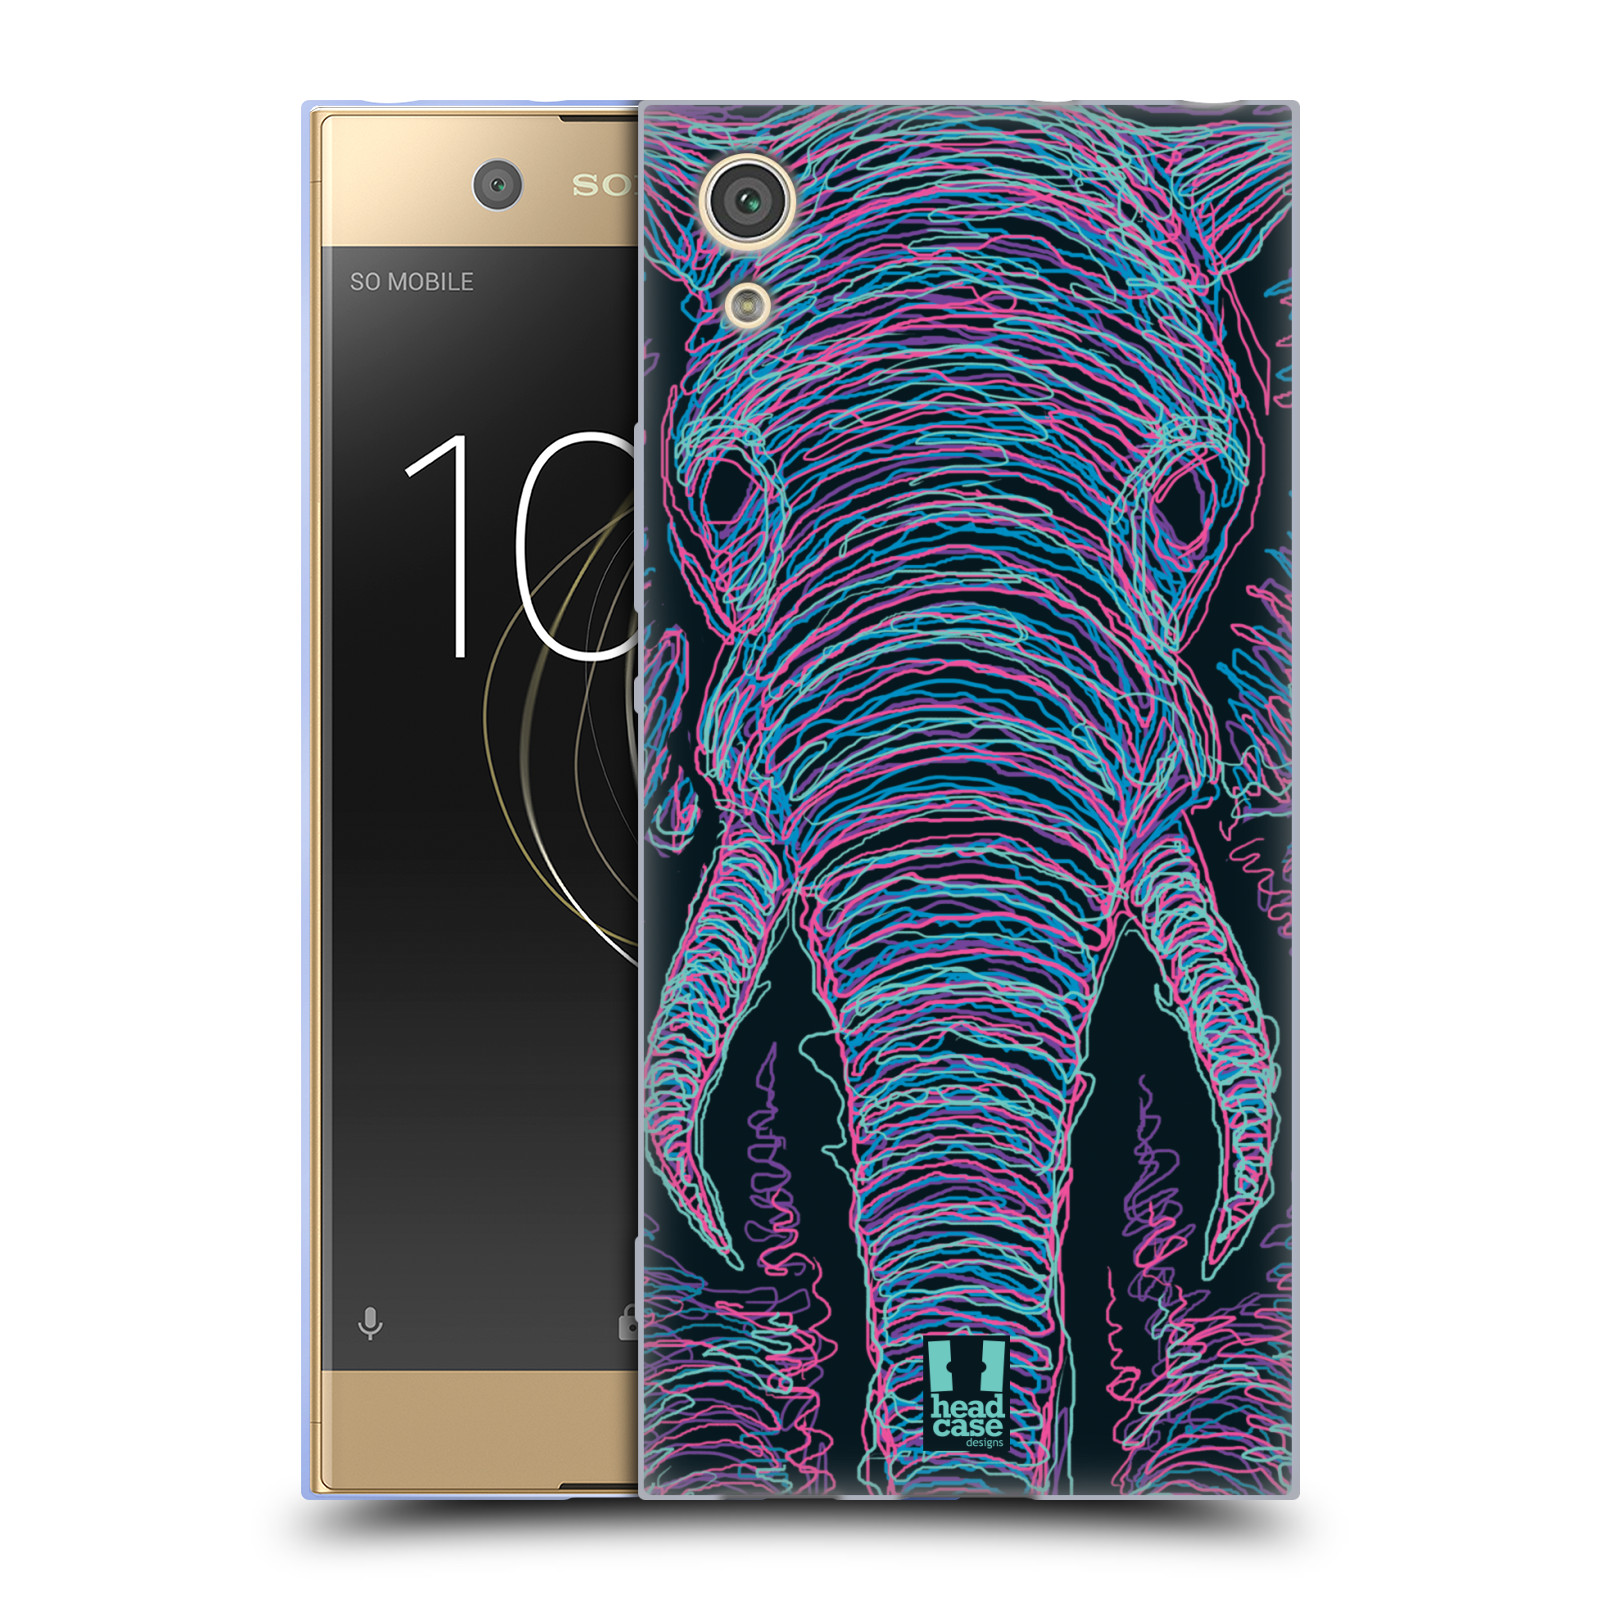 HEAD CASE silikonový obal na mobil Sony Xperia XA1 / XA1 DUAL SIM vzor zvíře čmáranice slon